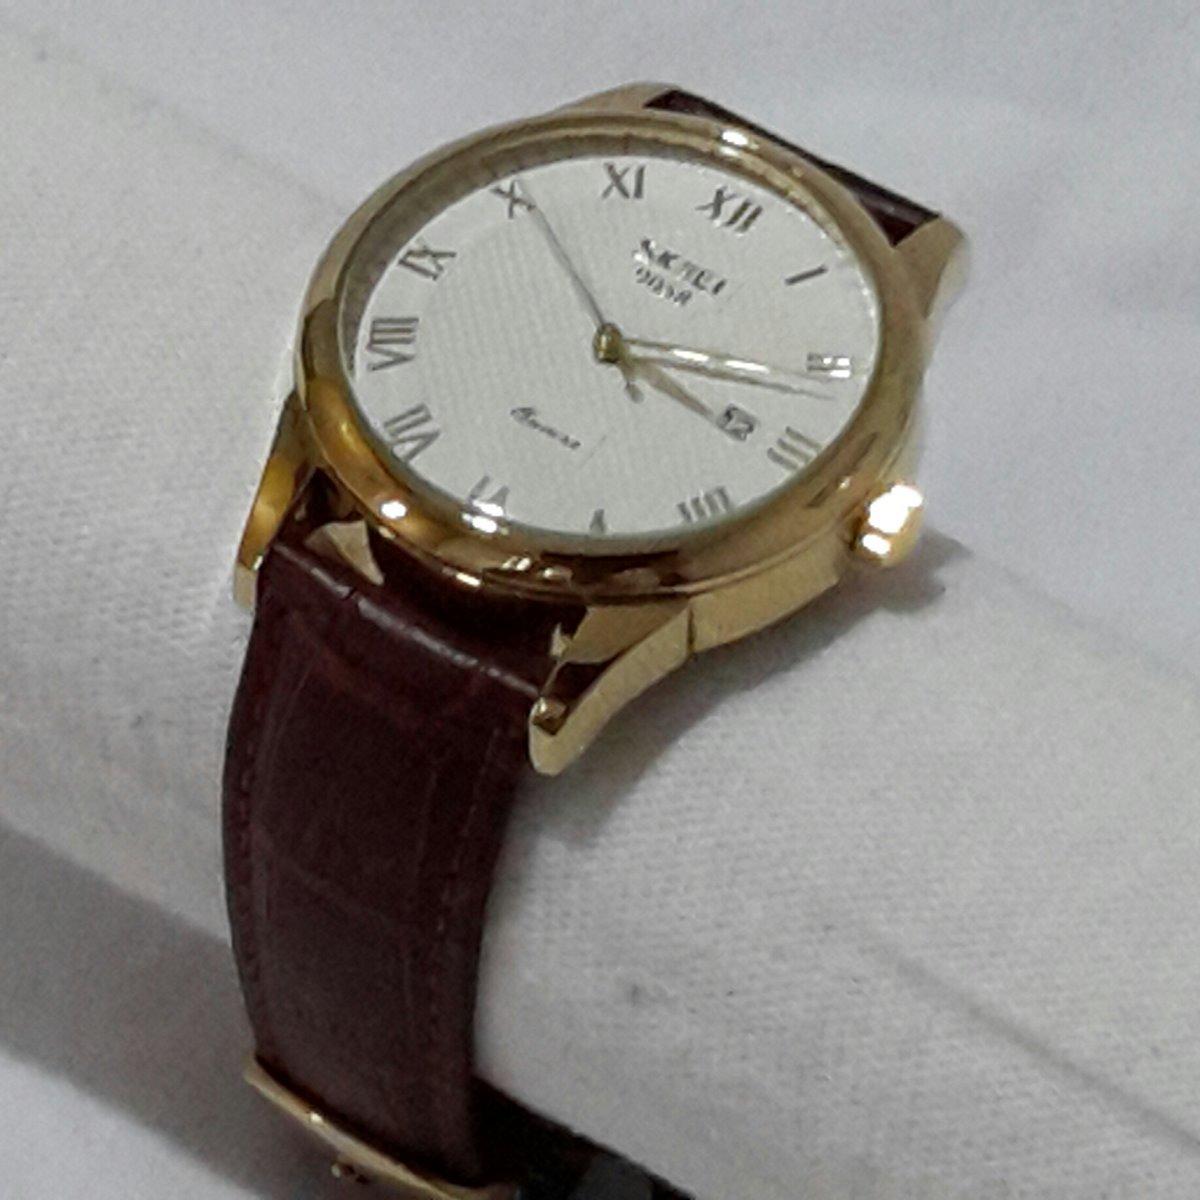 5d2ee9eca8d relógio masculino skmei 9058 analógico original couro. Carregando zoom.